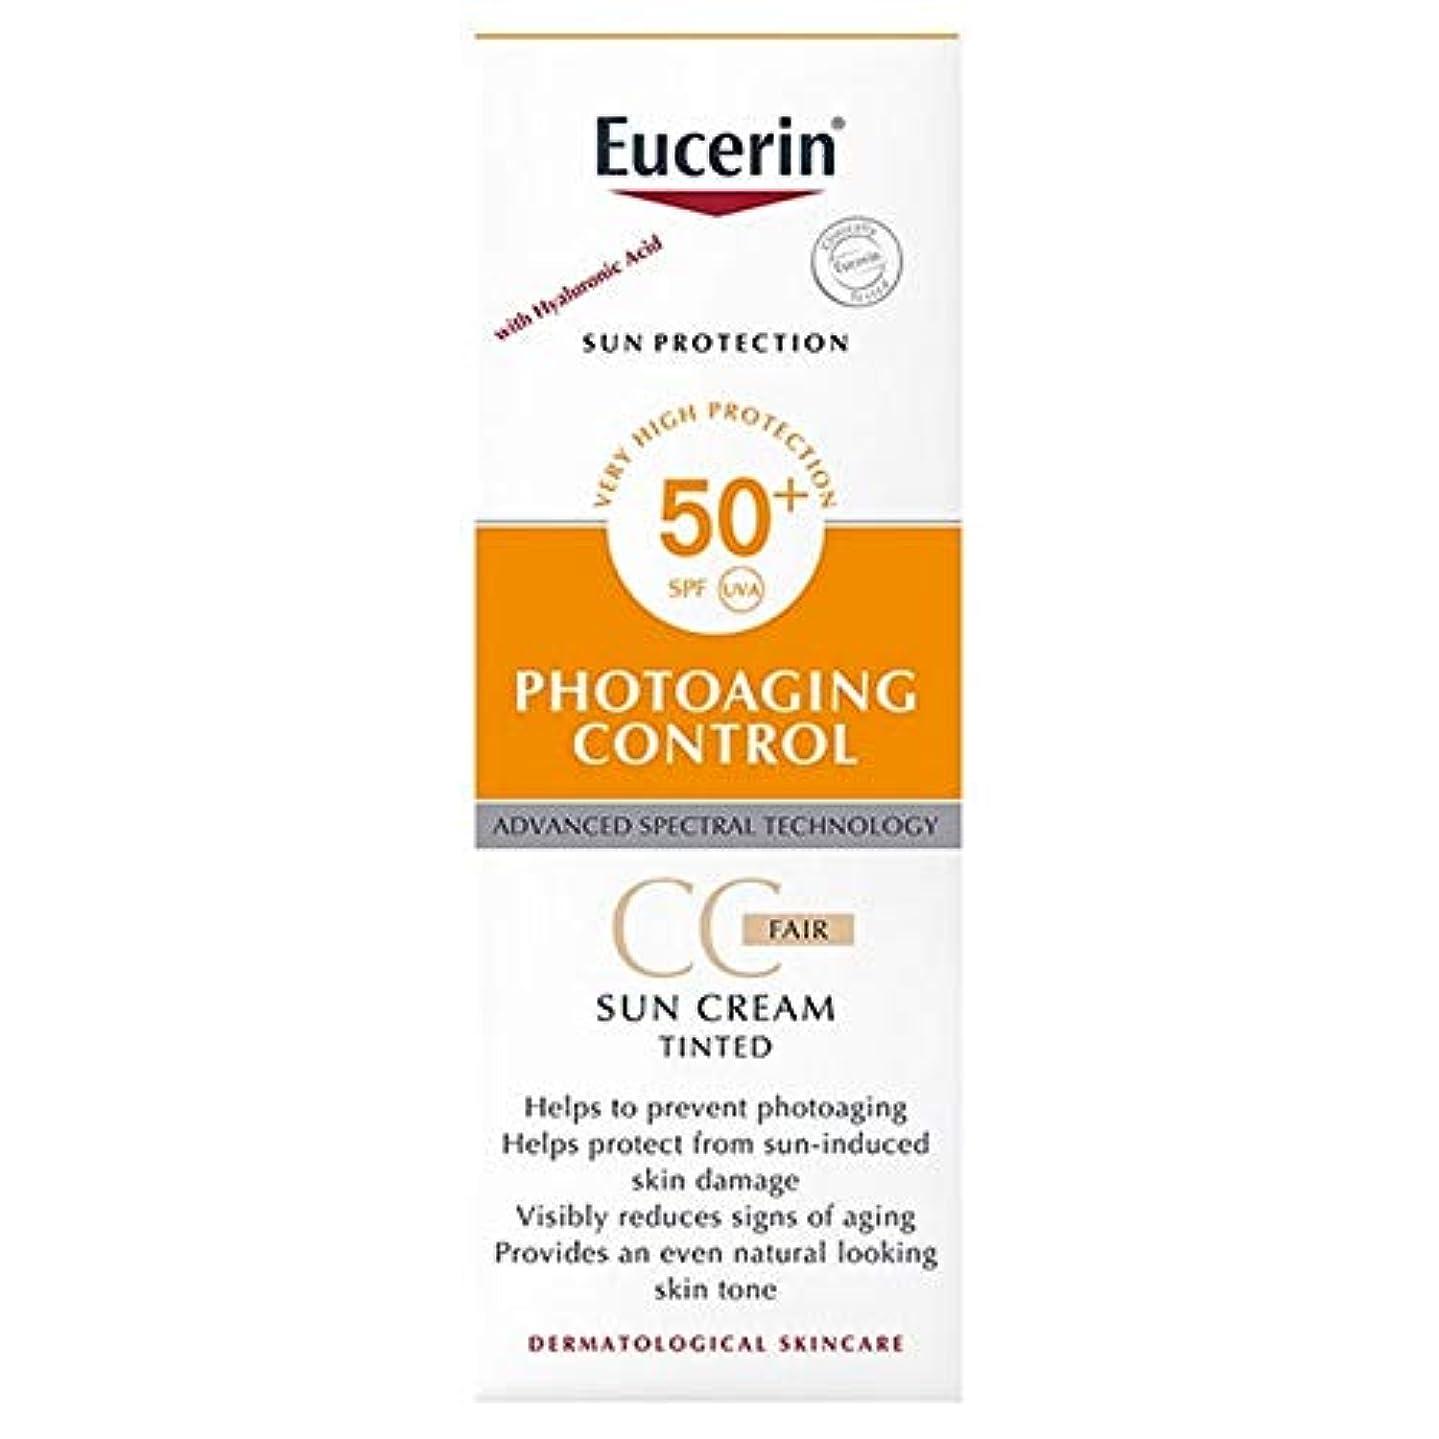 サルベージレンダリング解決[Eucerin ] ユーセリンの光老化制御着色公正日クリームSpf50の50ミリリットル - Eucerin Photoaging Control Tinted Fair Sun Cream SPF50 50ml [並行輸入品]